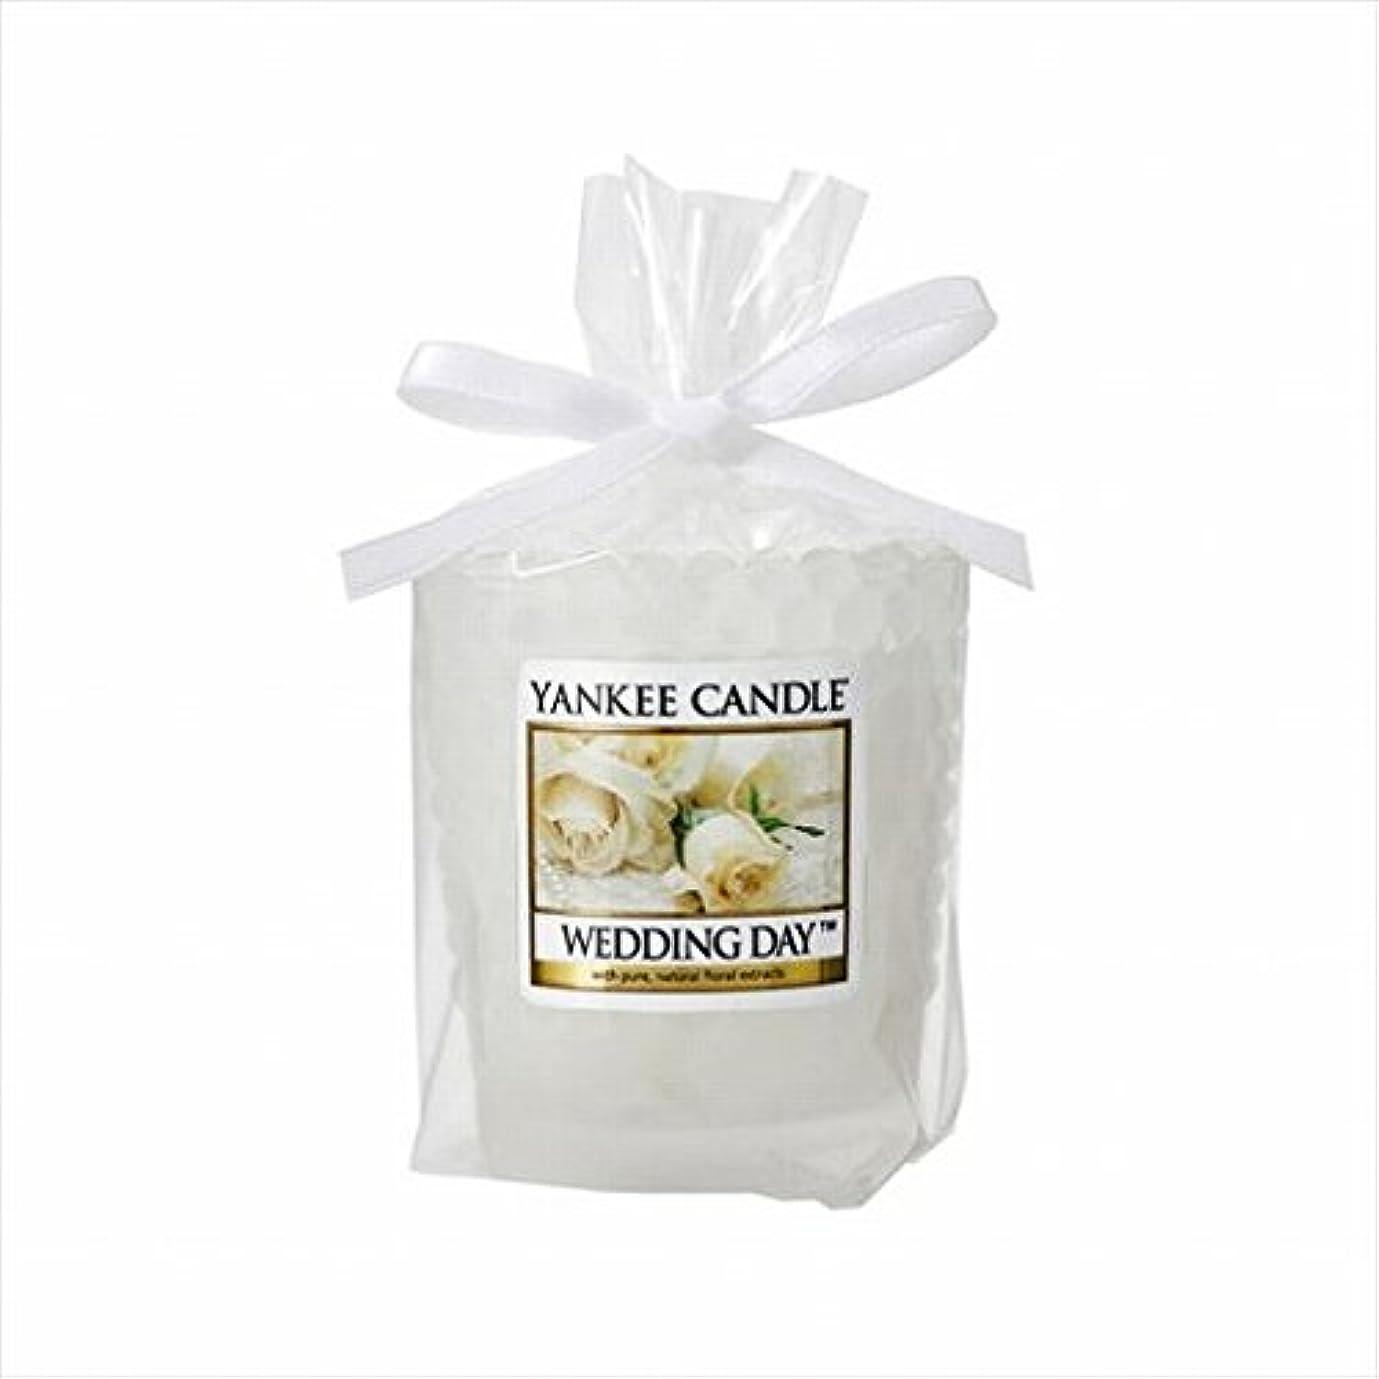 貫通接続された狂乱カメヤマキャンドル(kameyama candle) YANKEE CANDLE サンプラーギフト 「 ウェディングデイ 」 6個セット